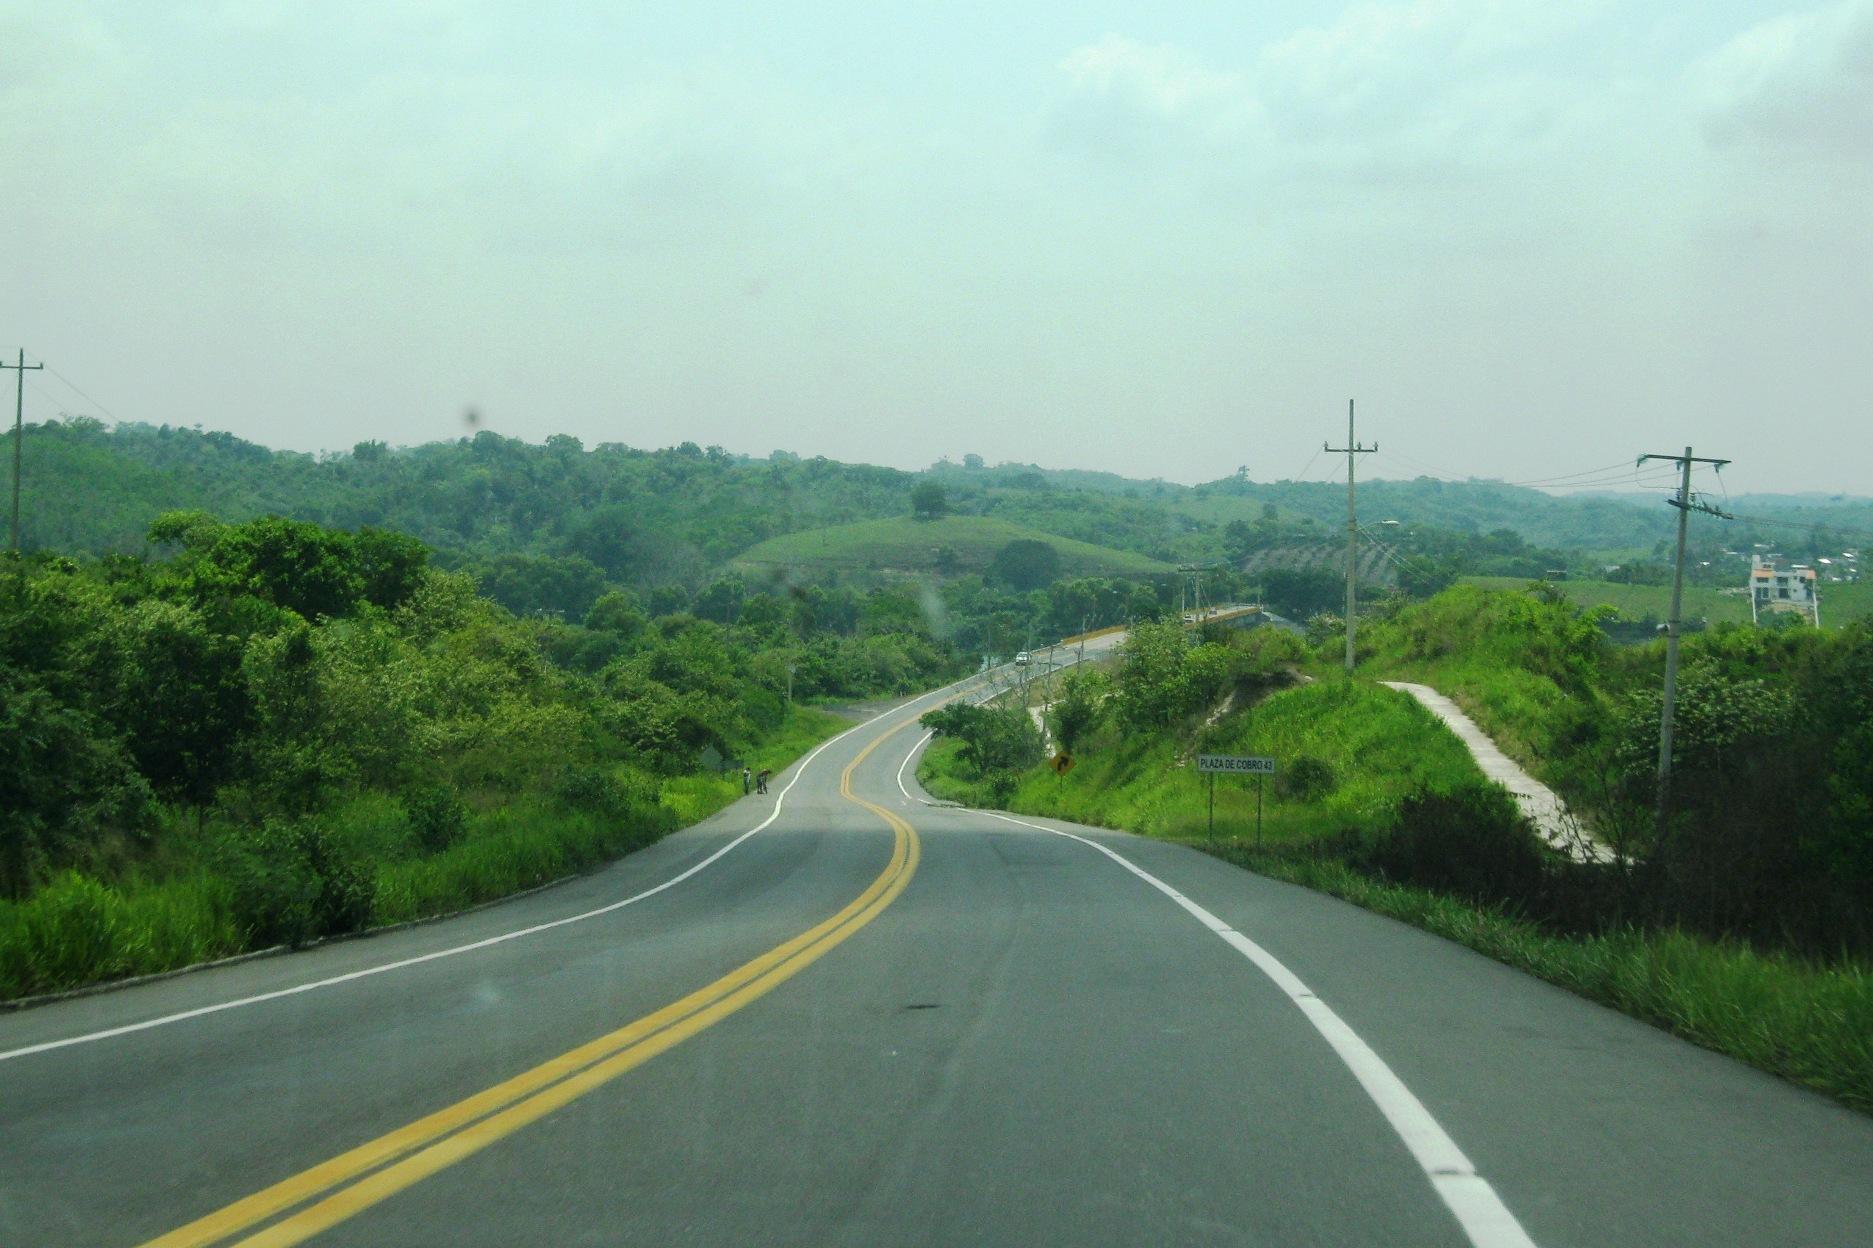 Utilizan concreto resistente en carretera de Veracruz